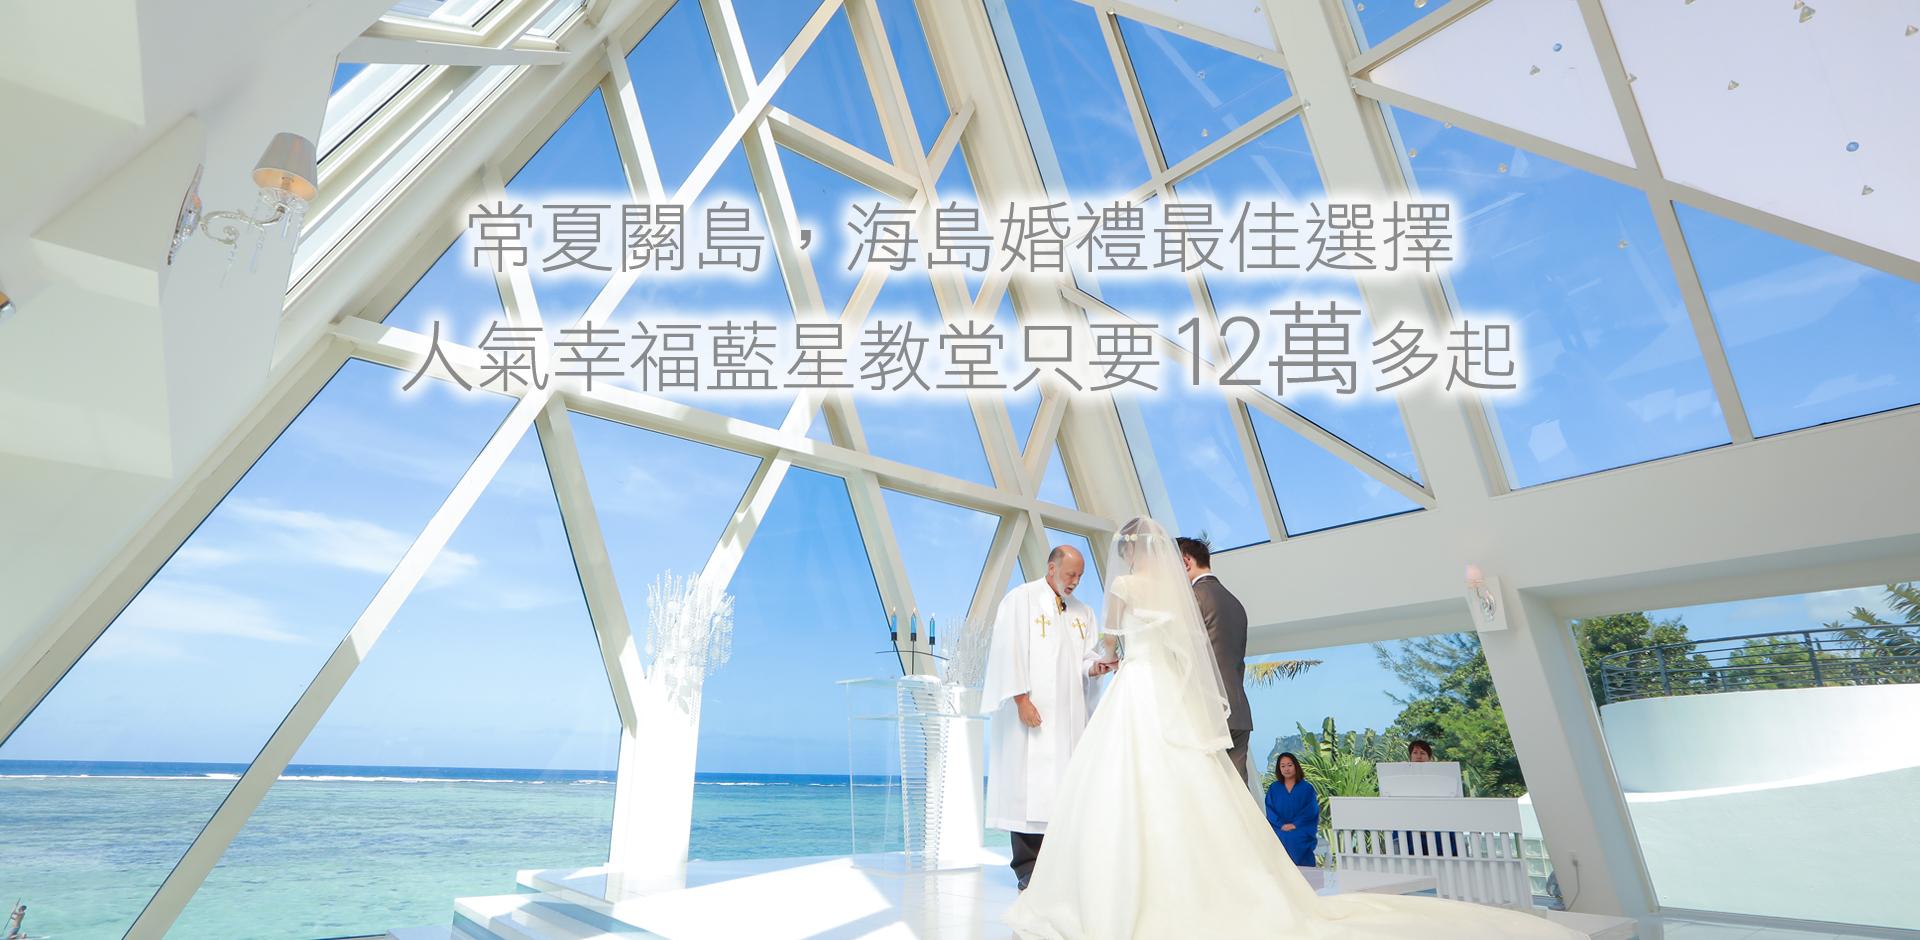 關島 海島婚禮 幸福藍星教堂只要12萬多起